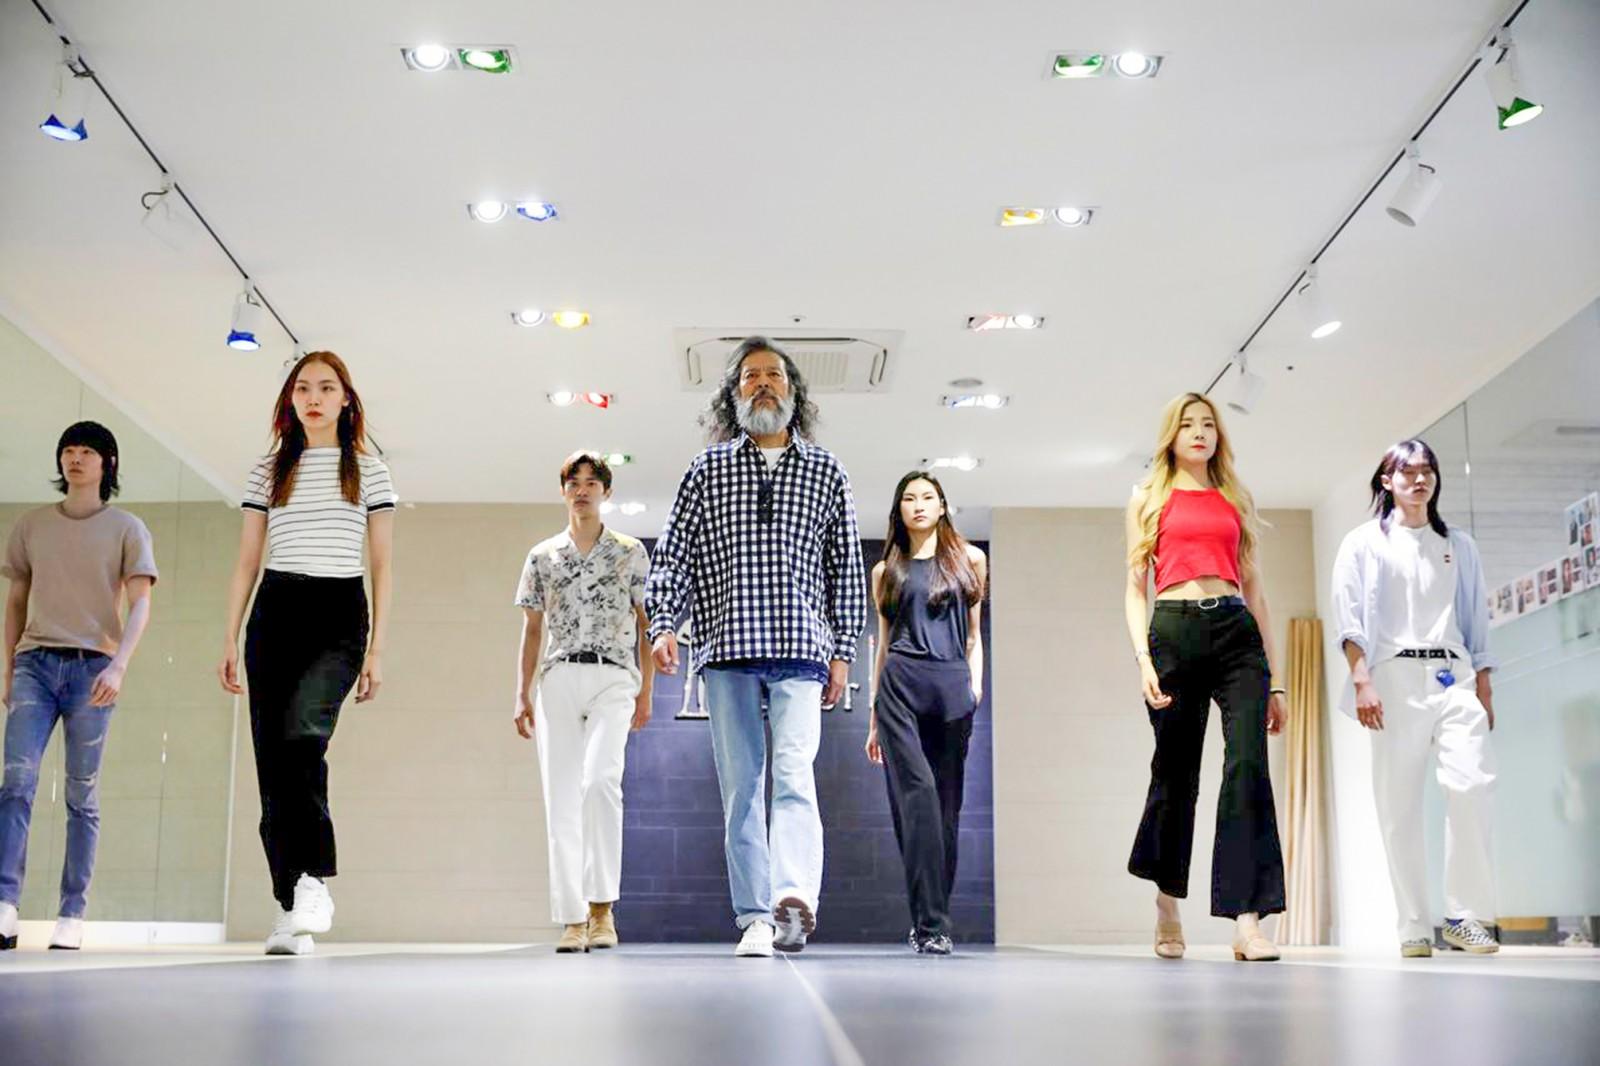 Kim Chil-doo (giữa) tự tin tập catwalk với dàn người mẫu trẻ. Ảnh: Reuters